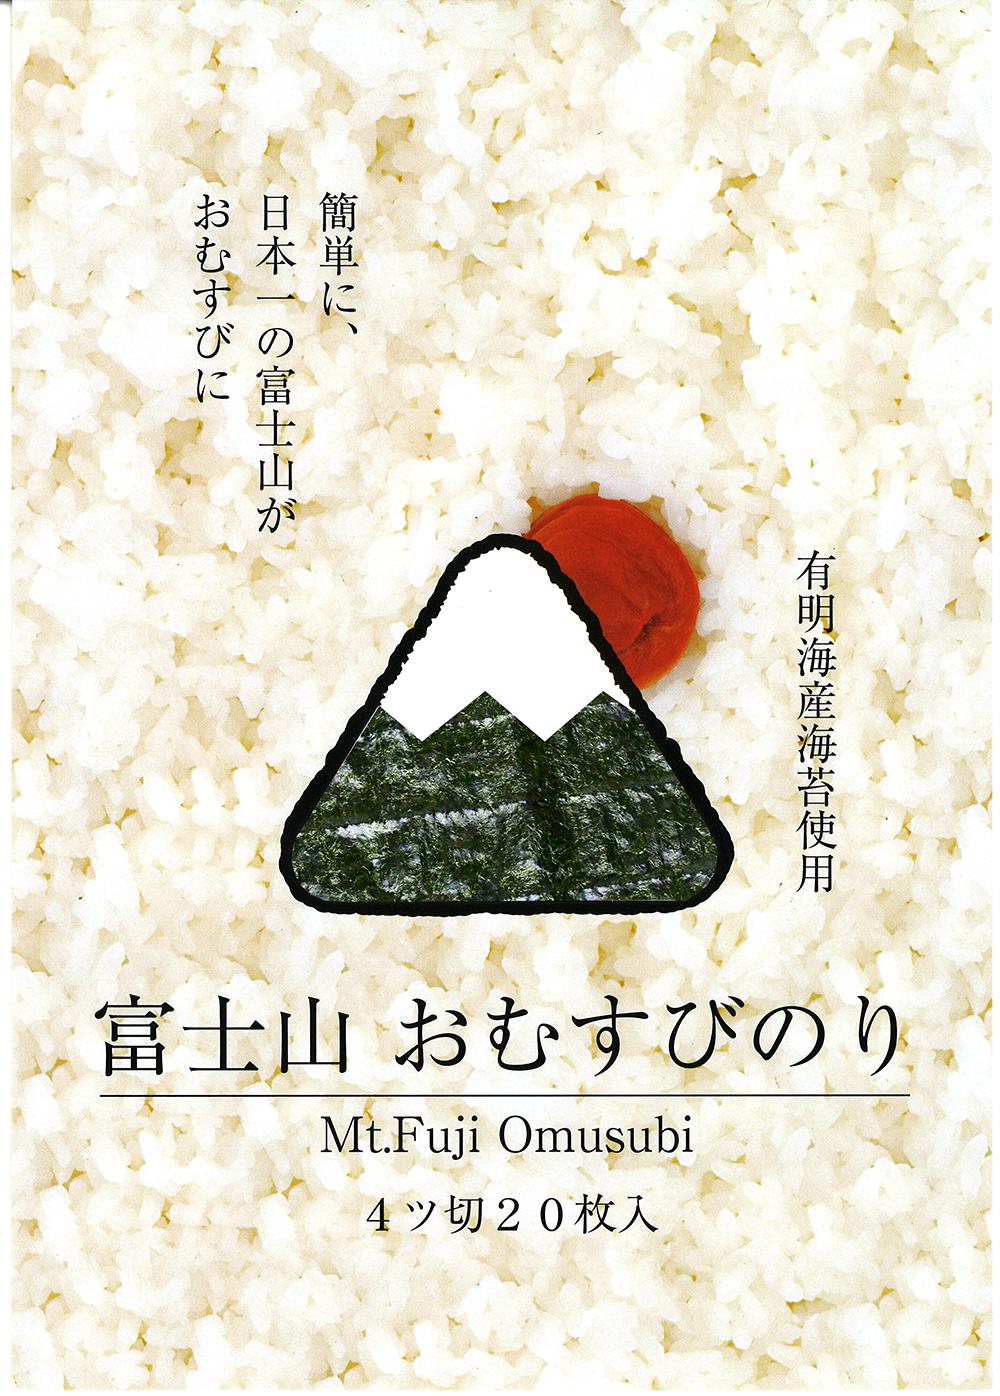 富士山おむすびのりパッケージ